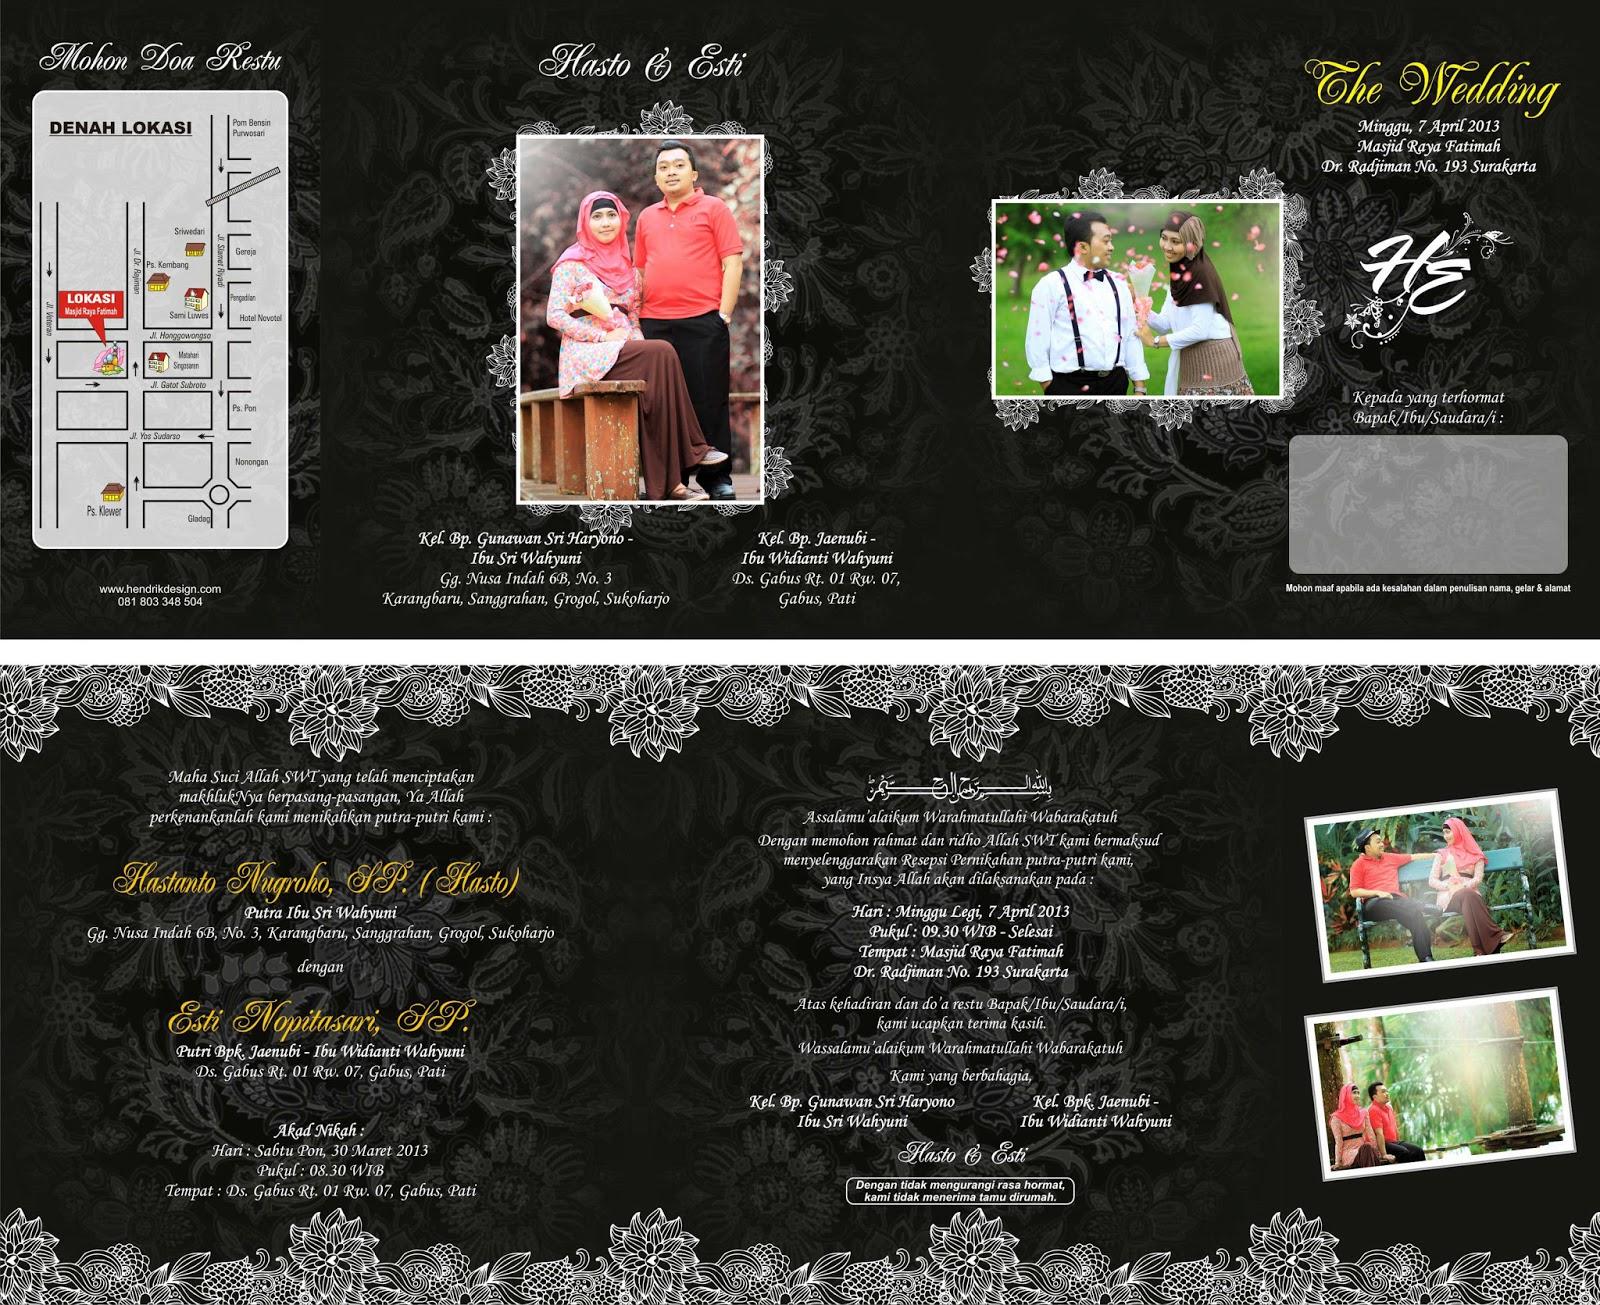 41 Gambar Contoh Desain Undangan Pernikahan Lipat 3 HD Terbaru Yang Bisa Anda Tiru